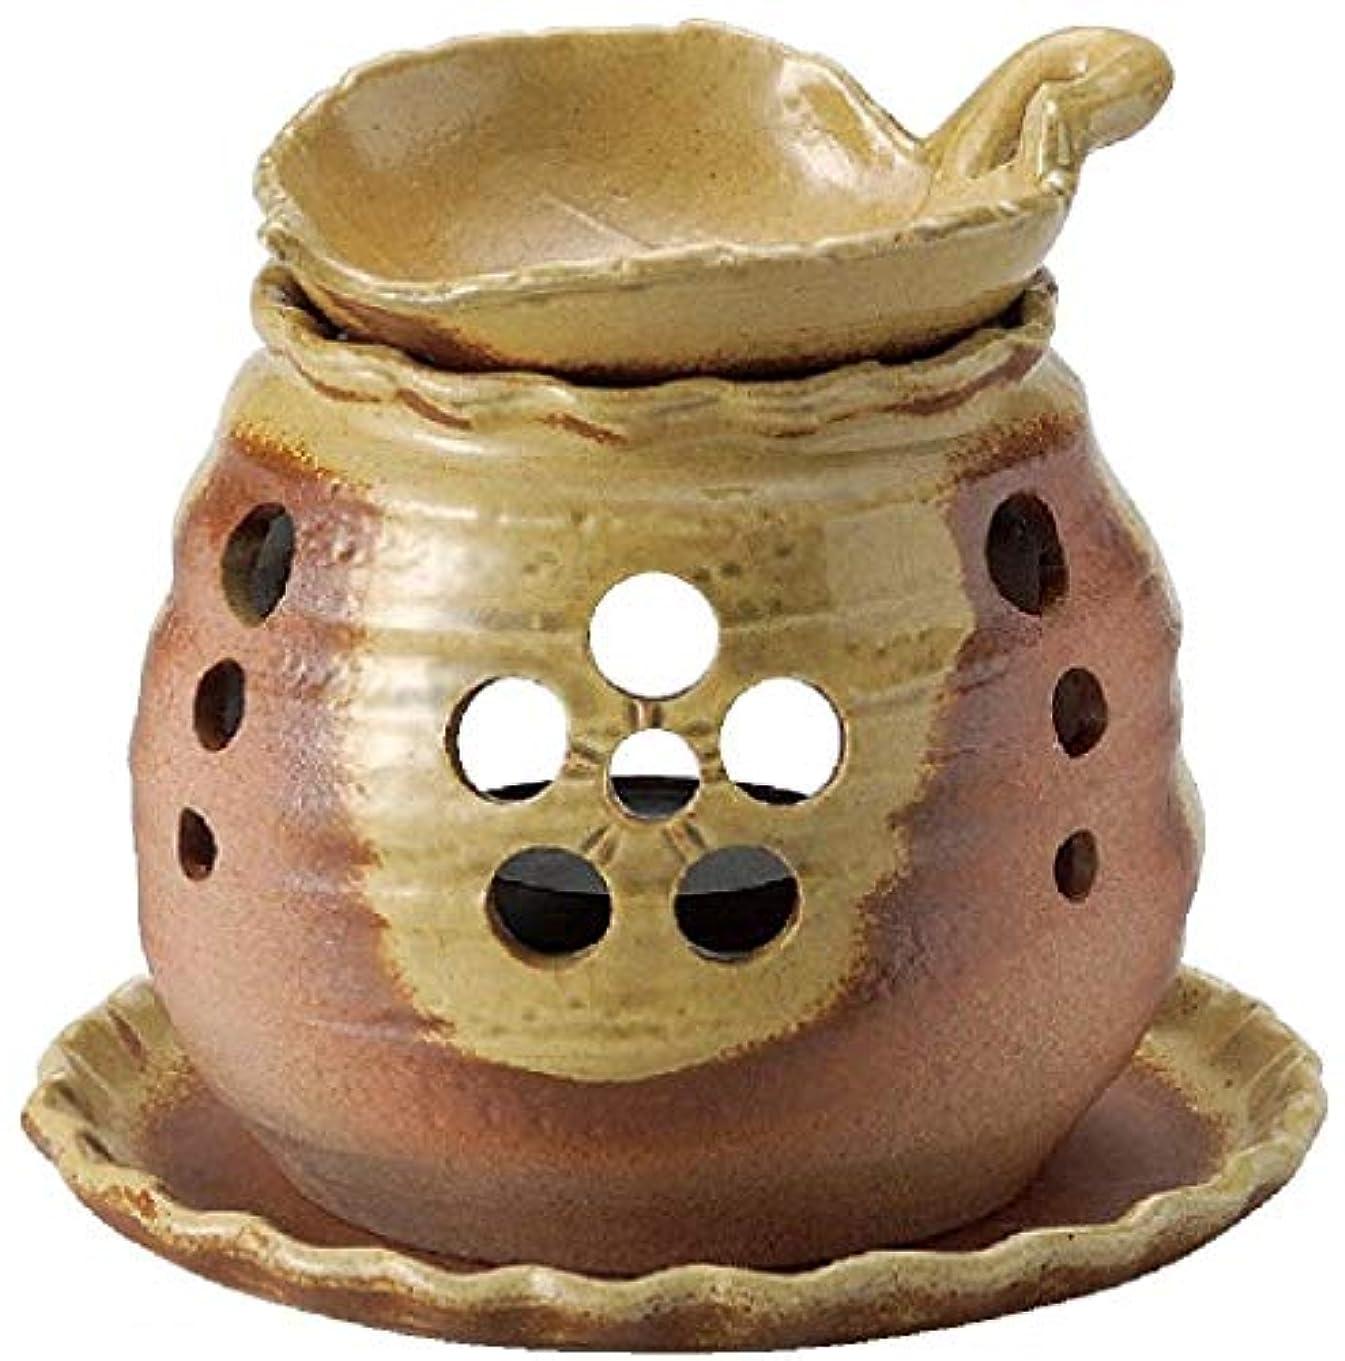 常滑焼 7-228 遊土里黄灰釉木の葉茶香炉 遊土里φ10×H10.5㎝